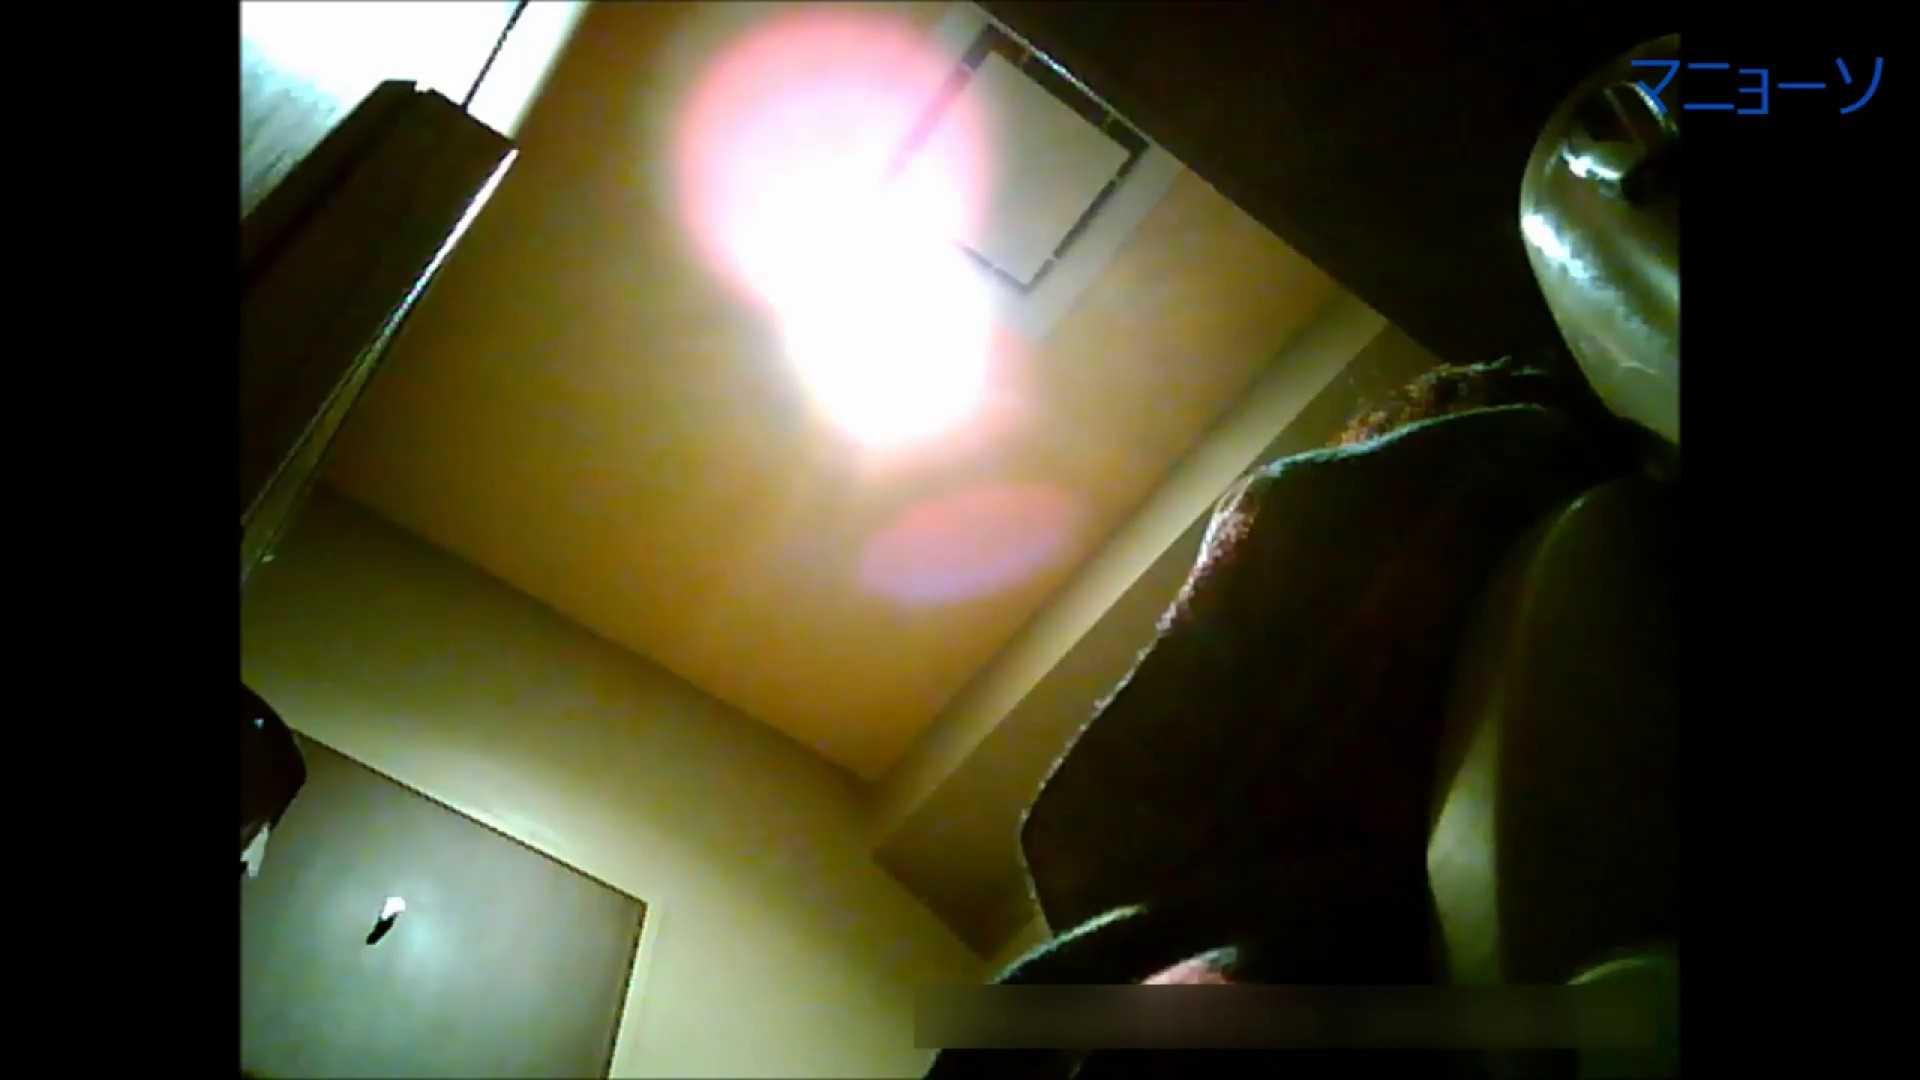 トイレでひと肌脱いでもらいました (JD編)Vol.02 トイレ | OLの実態  80pic 51